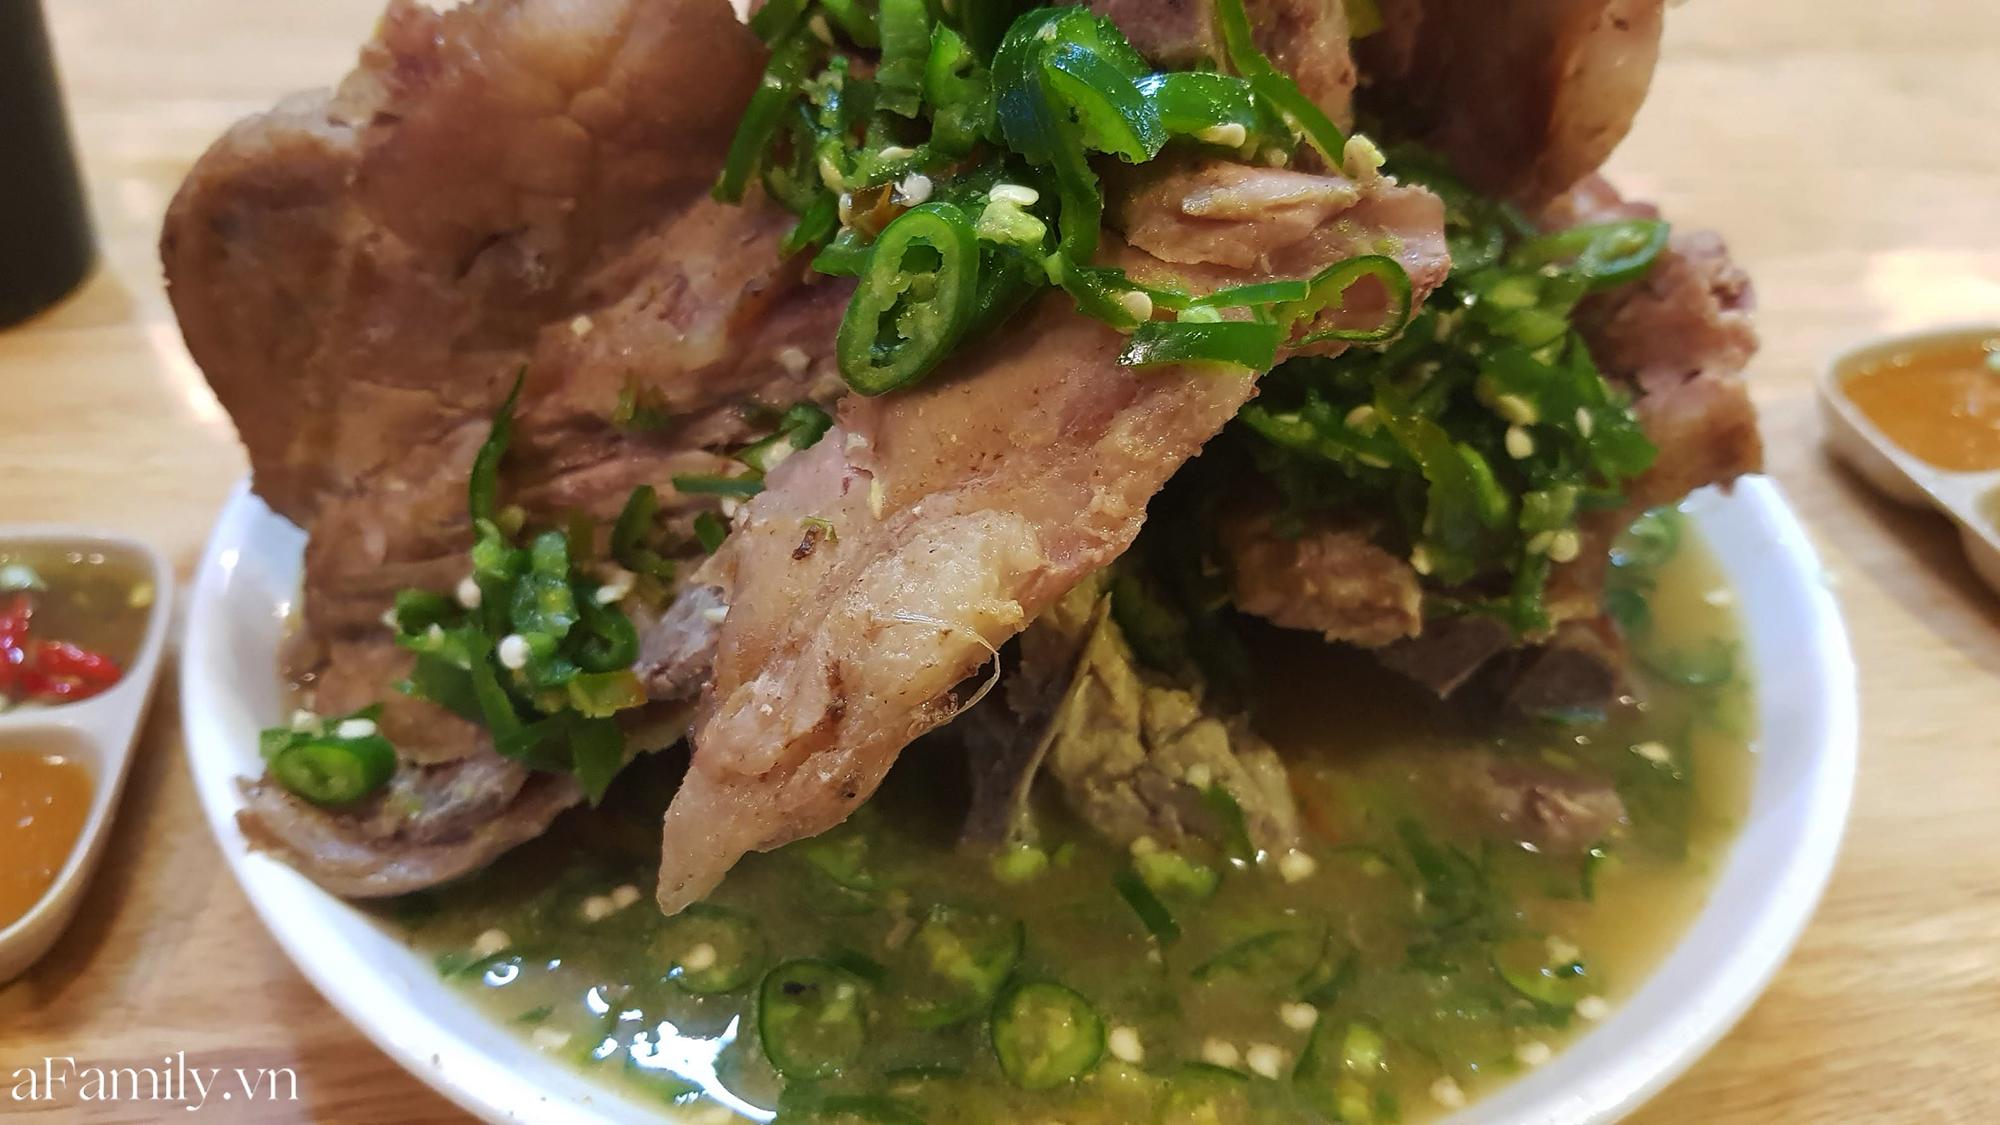 """Dân mạng chê quán ăn tại Hà Nội có món sườn cay khổng lồ phong cách Thái Lan """"đượm mùi tủ lạnh"""", vậy còn thực tế ra sao, liệu có như lời đồn? - Ảnh 8."""